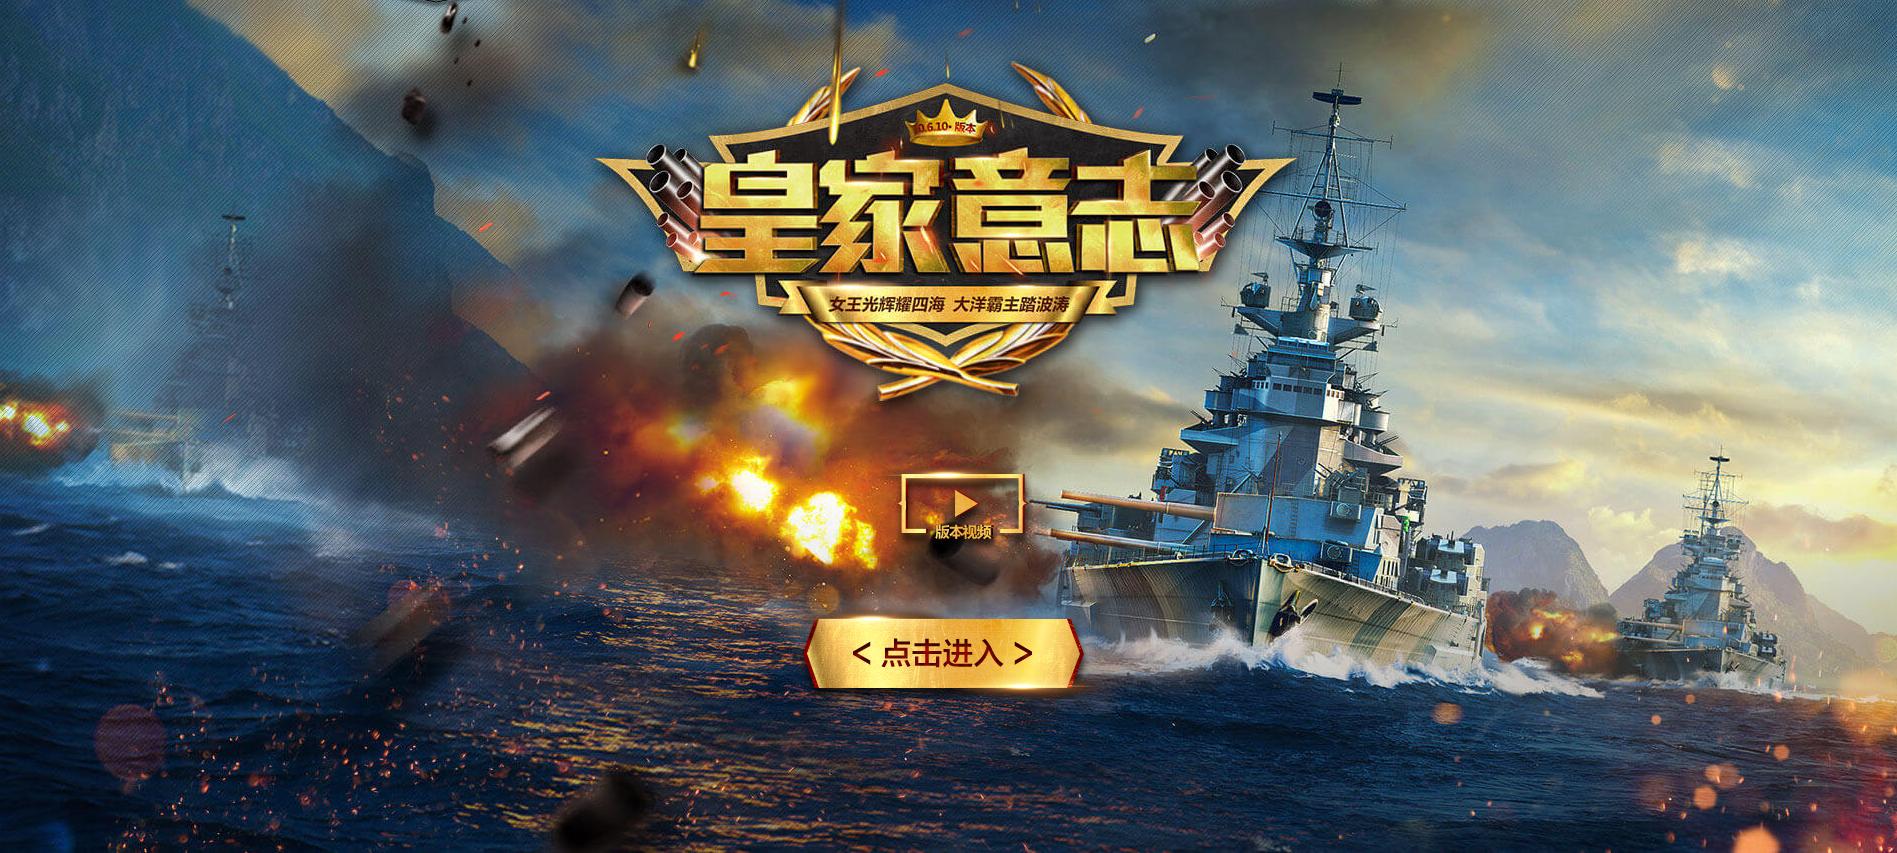 《战舰世界》0.6.10版本皇家意志版本专题.png